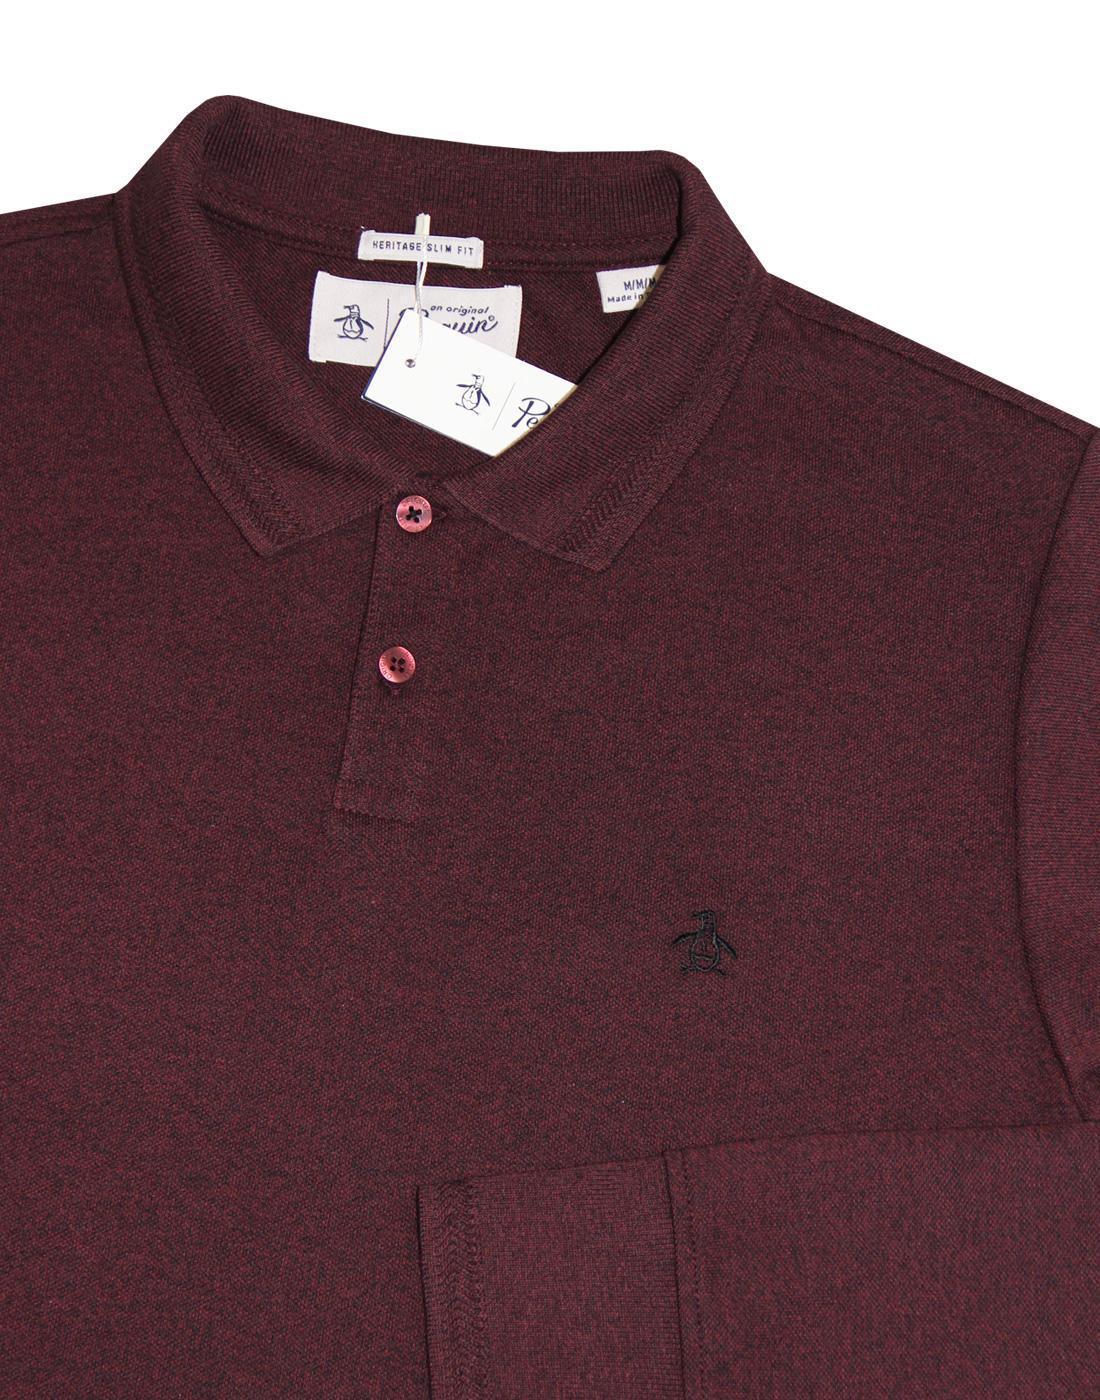 8de1b0b2f ORIGINAL PENGUIN Retro 1960s Mod Herringbone Rib Pique Polo Shirt